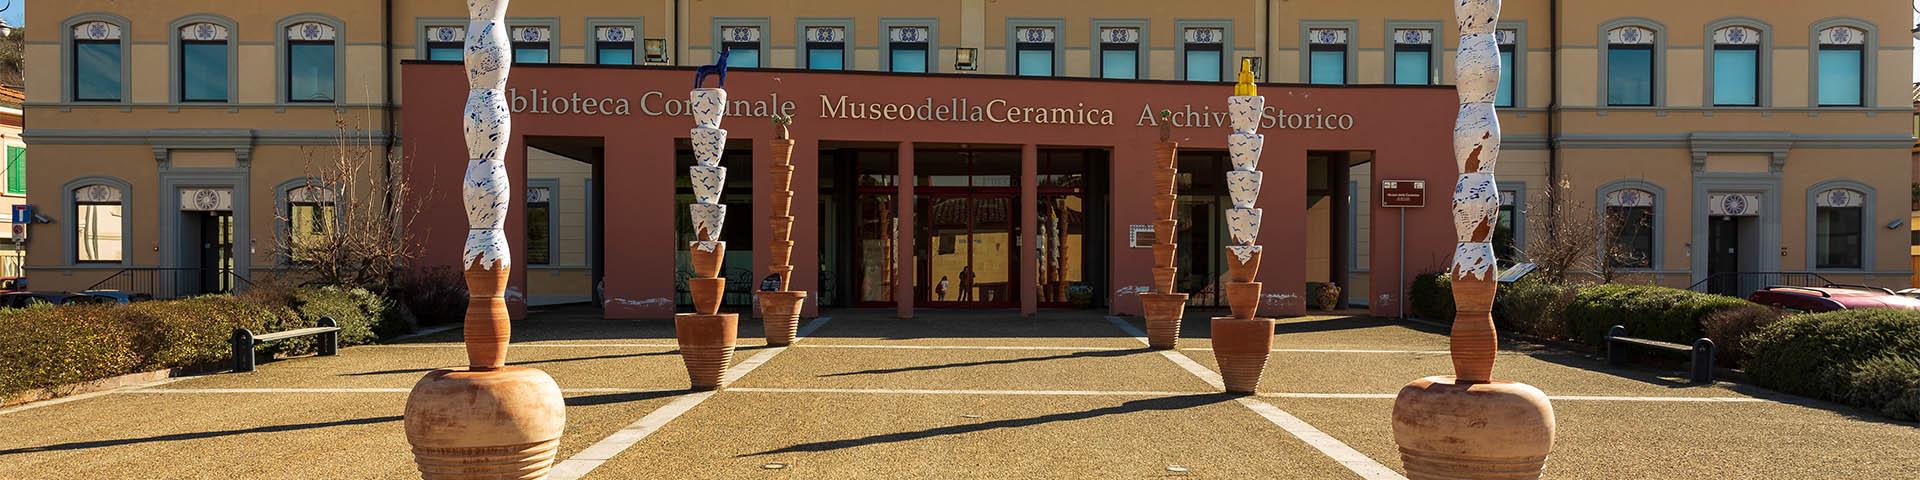 Ceramiche Toscane Montelupo Fiorentino the museum of ceramics in montelupo fiorentino